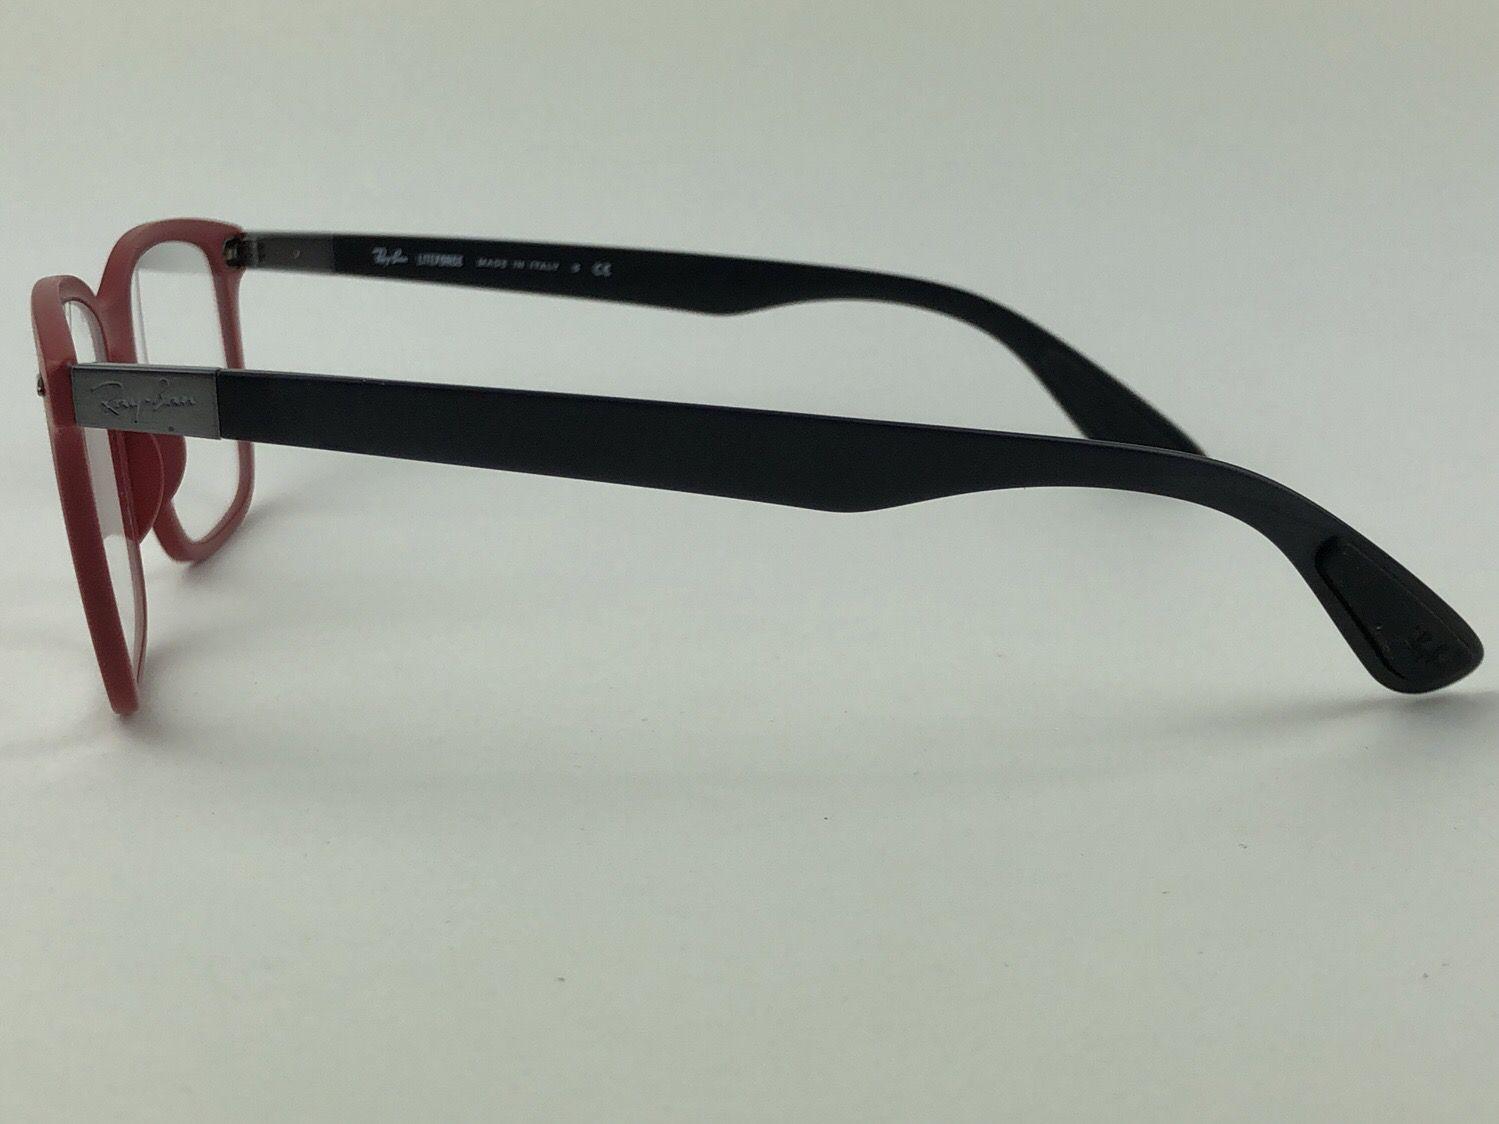 Ray Ban Optical - RX7144 - Vermelho - 5772 - 53/18 - Armação para grau